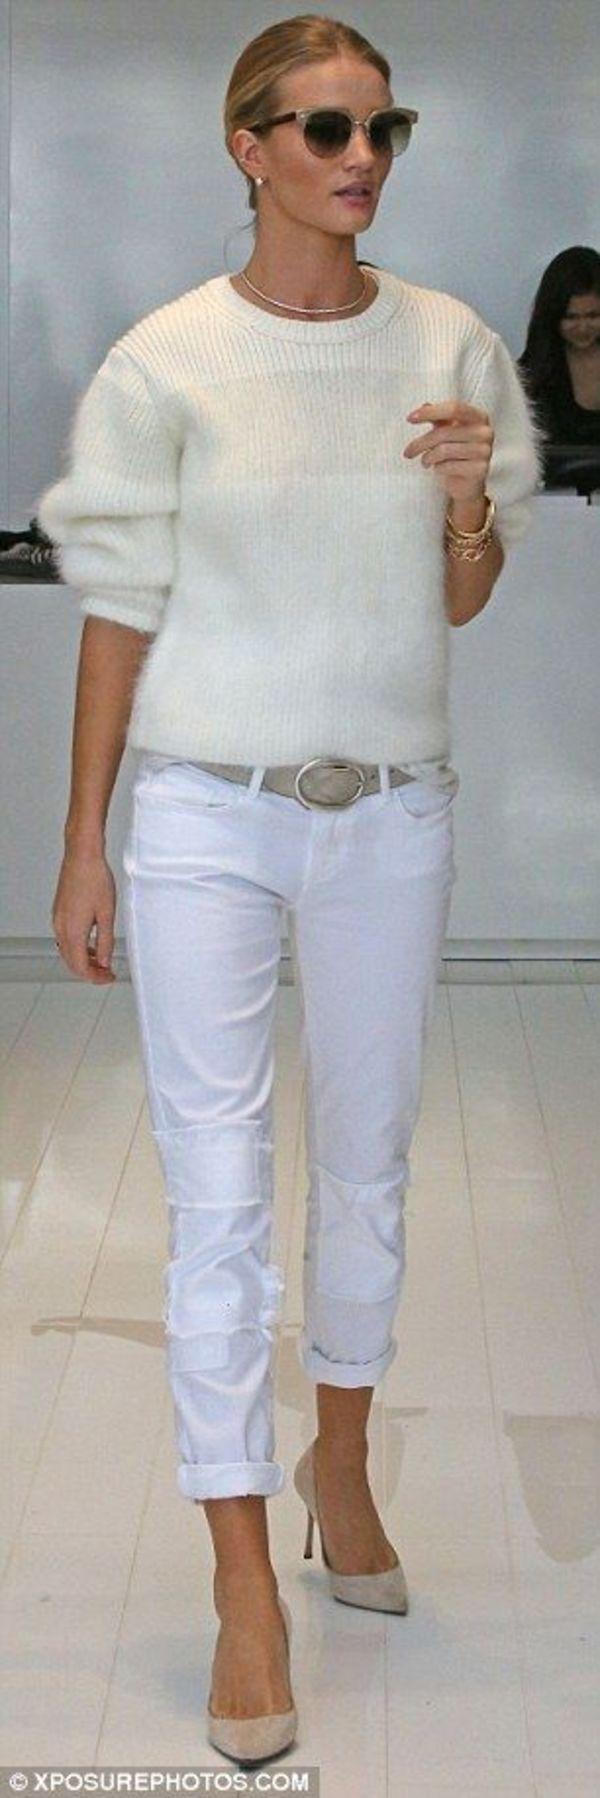 【おすすめコーデ】この季節にこそ取り入れたい!誰もが憧れる「オールホワイト」の洗練スタイル-STYLE HAUS(スタイルハウス)